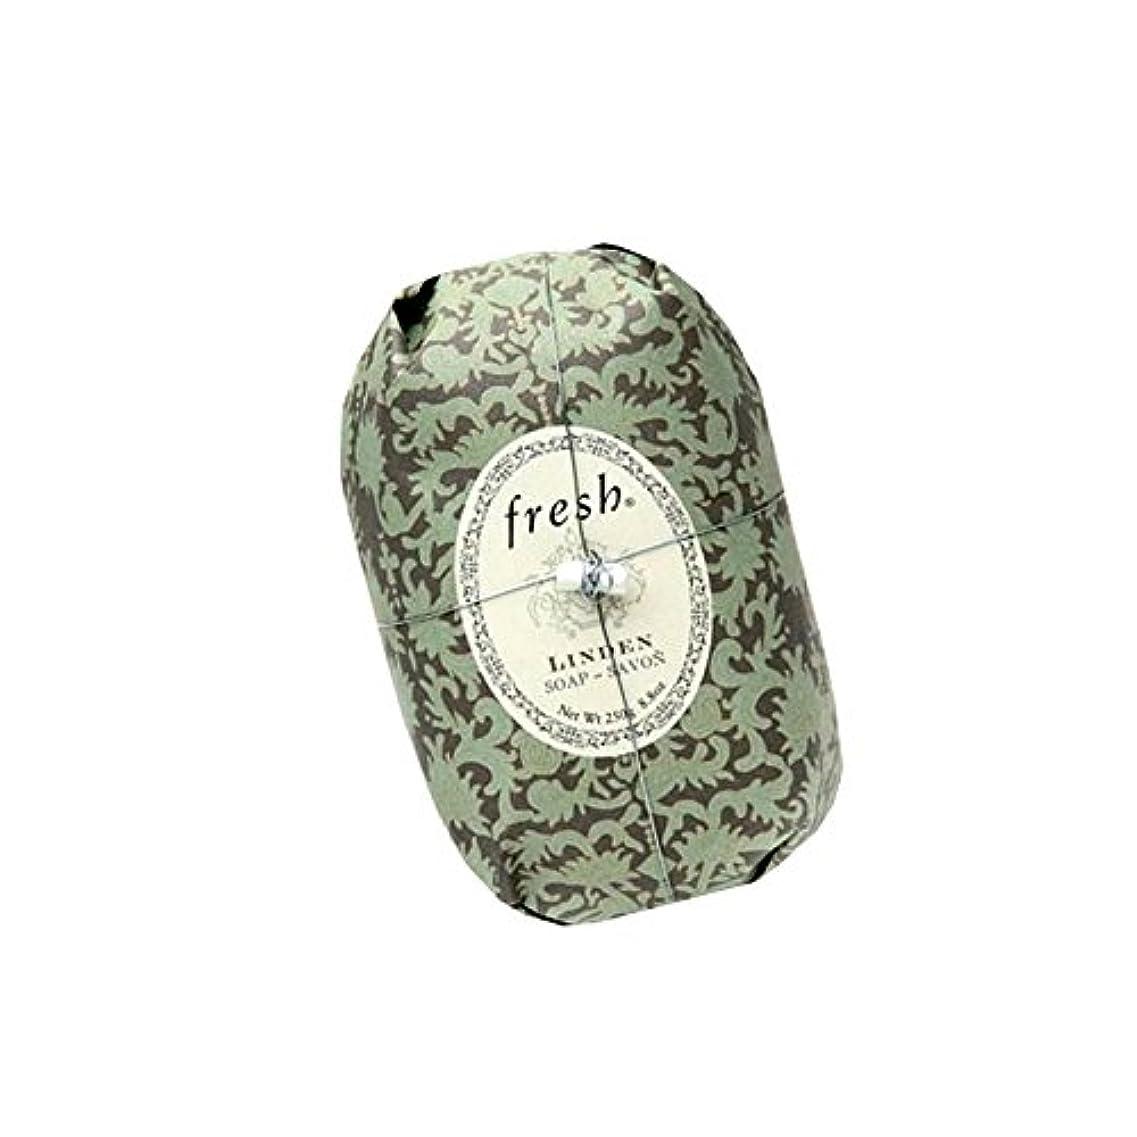 温帯干渉ほのめかすFresh フレッシュ Linden Soap 石鹸, 250g/8.8oz. [海外直送品] [並行輸入品]